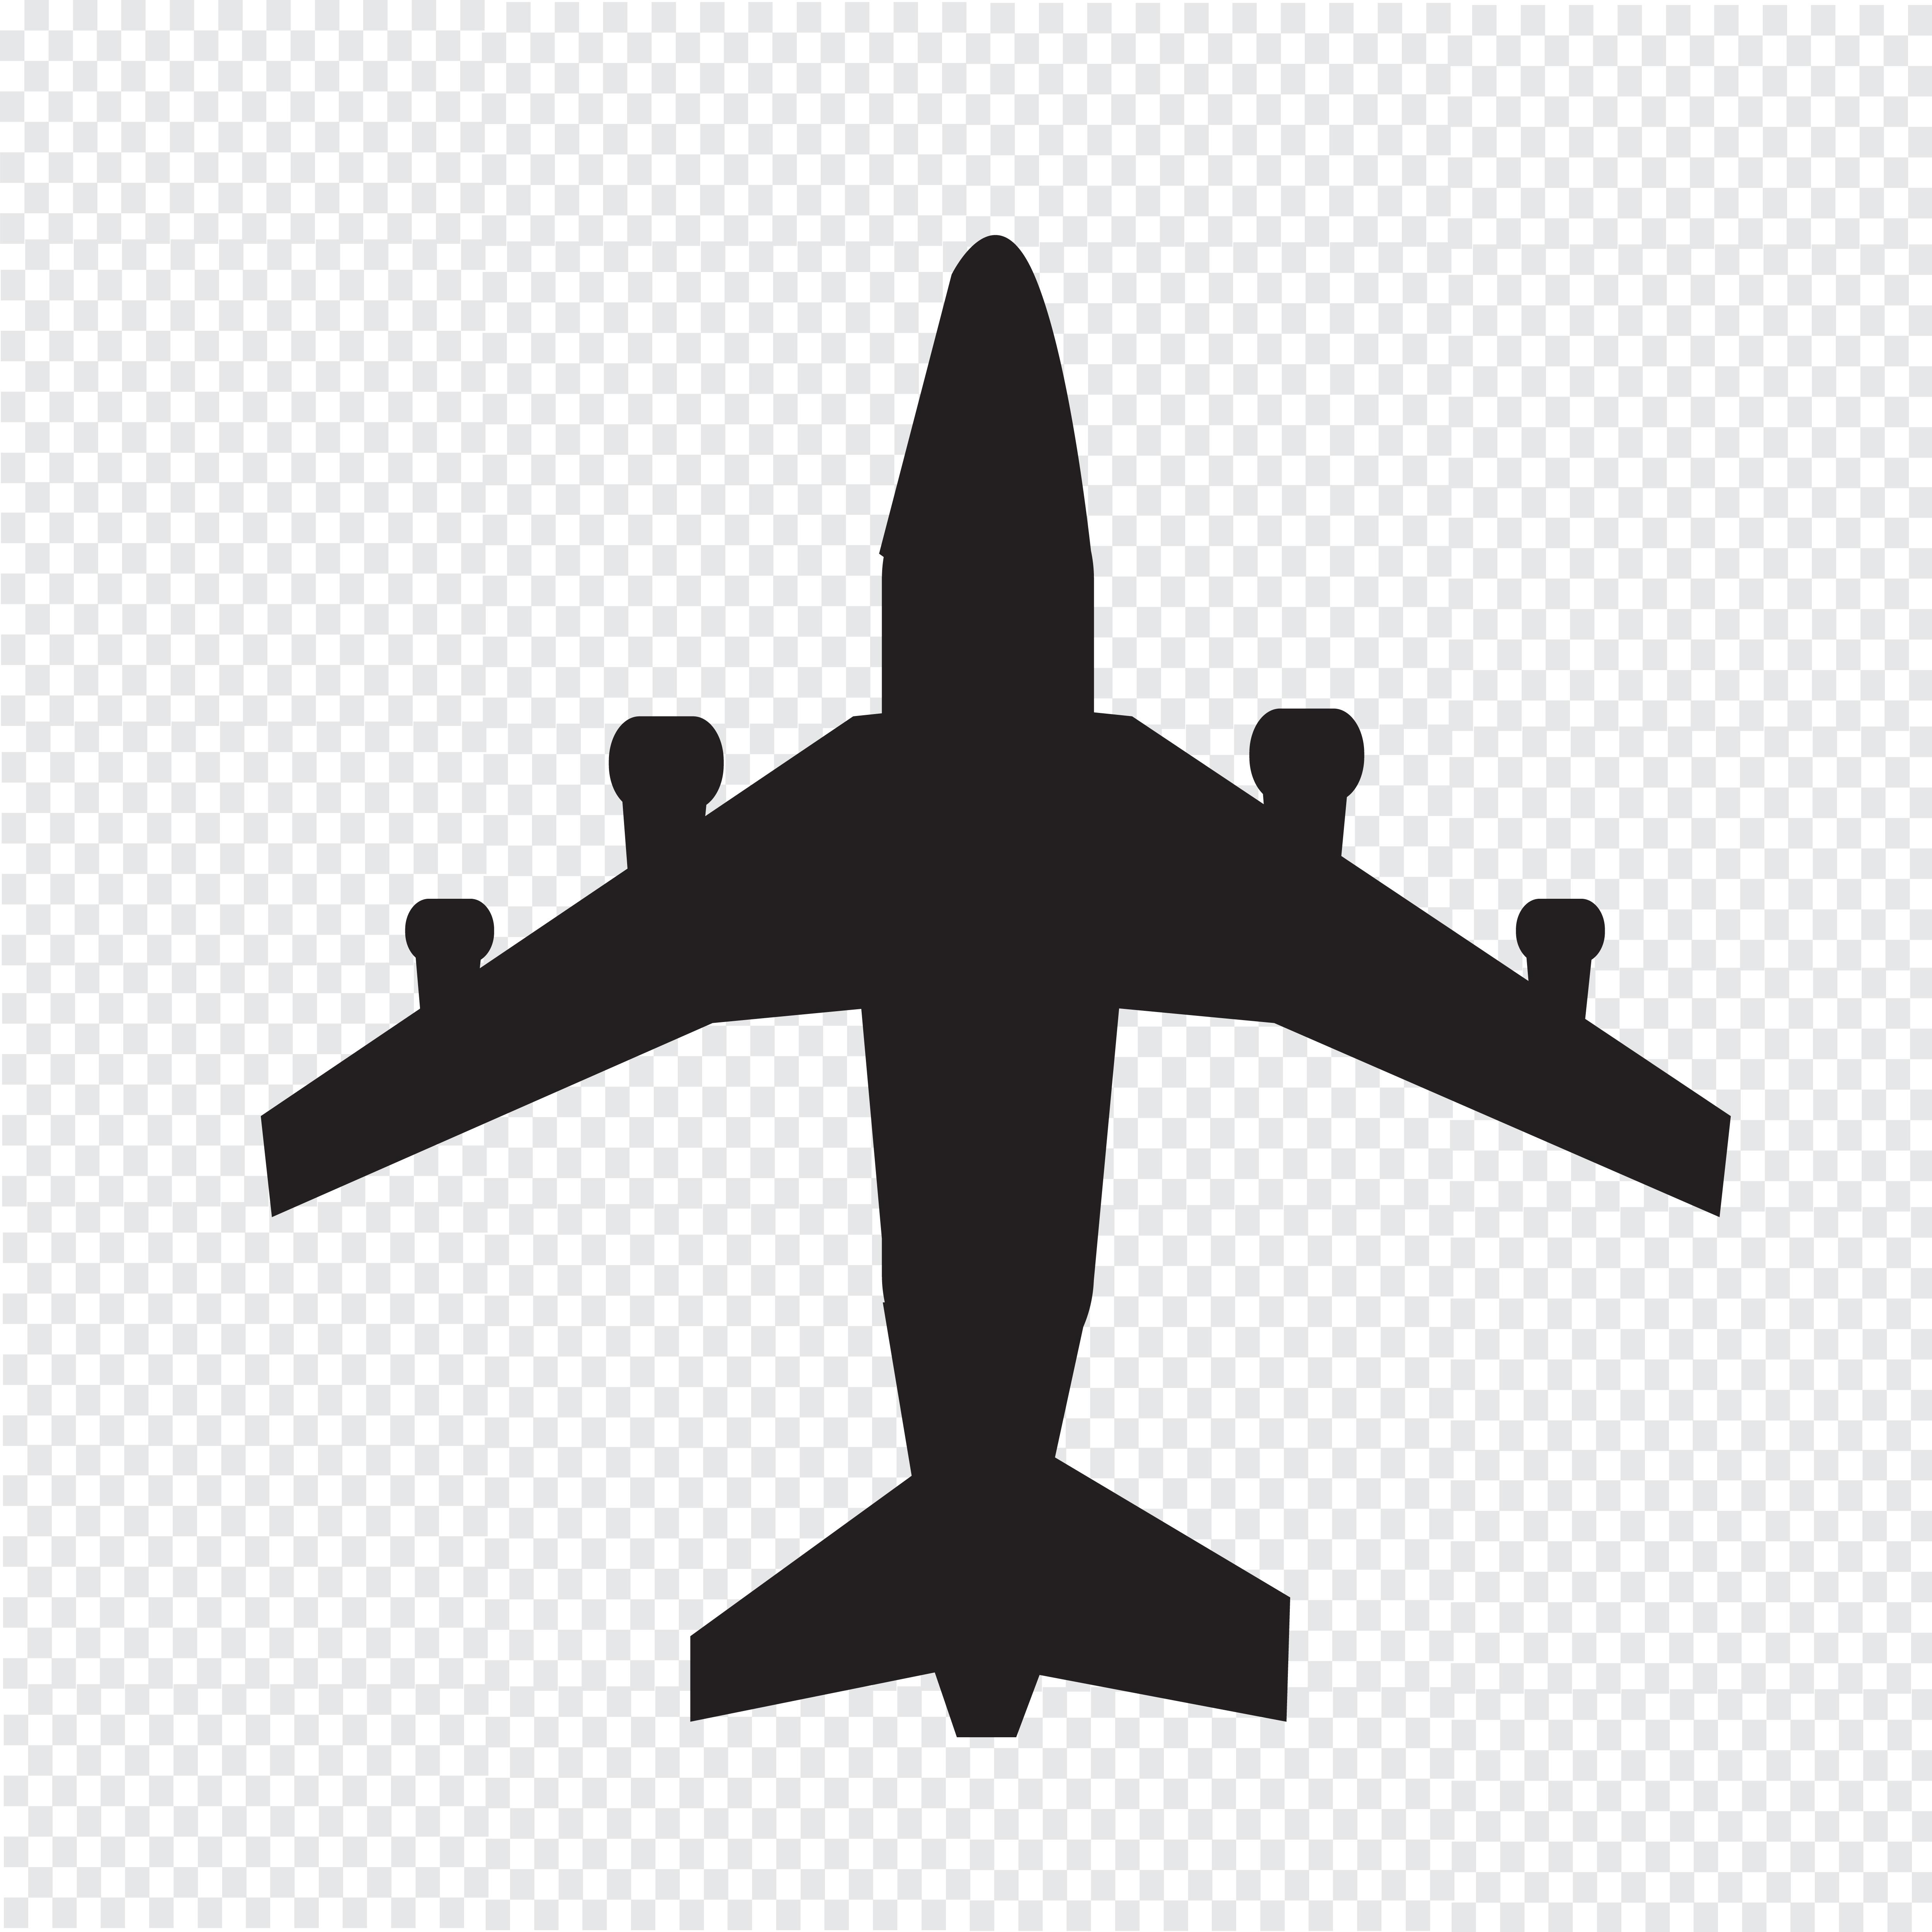 飛機icon